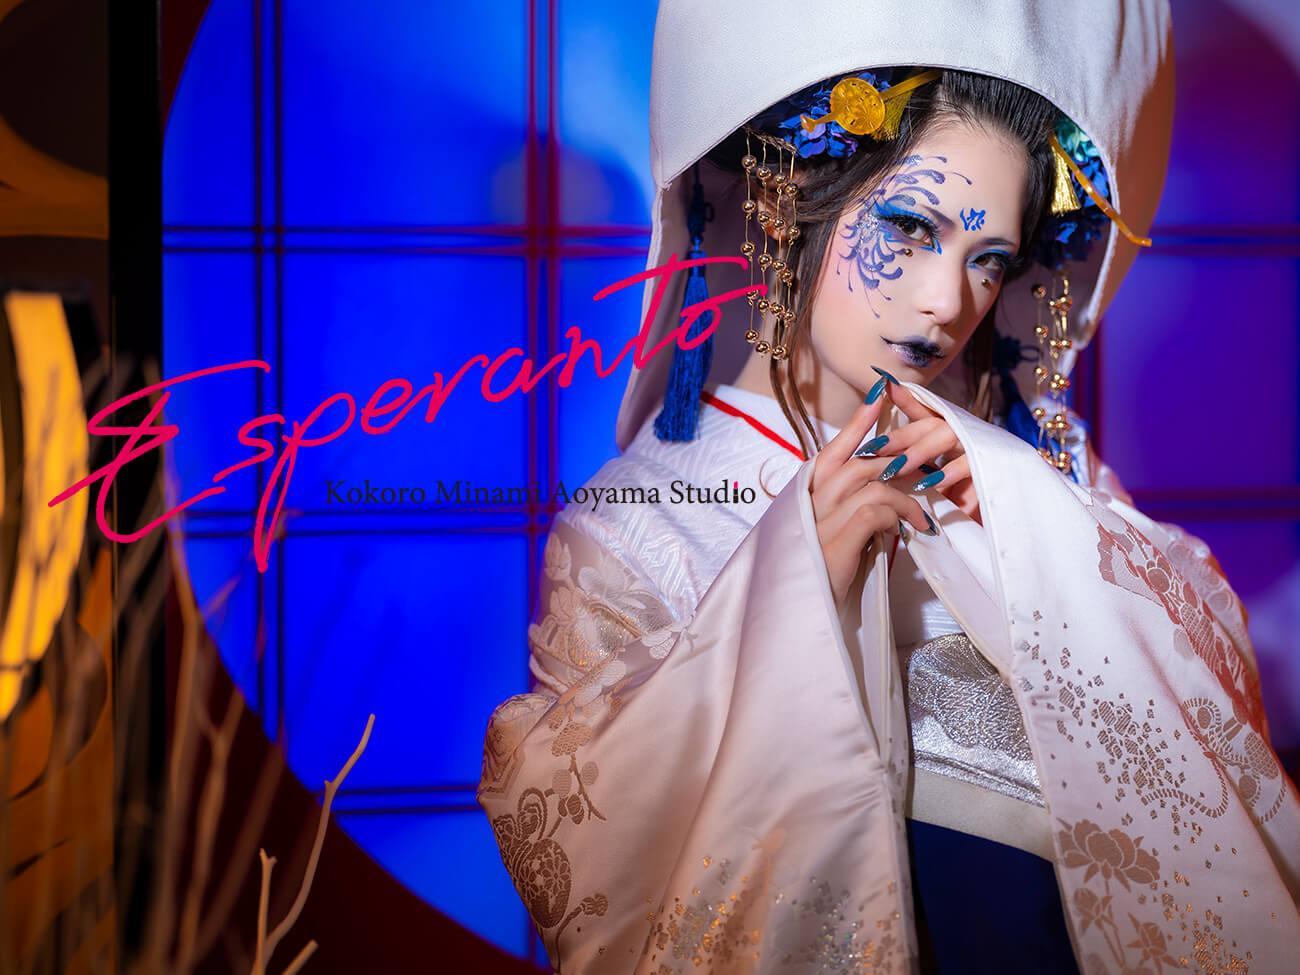 狐の嫁入り エスペラント KOKORO南青山スタジオ